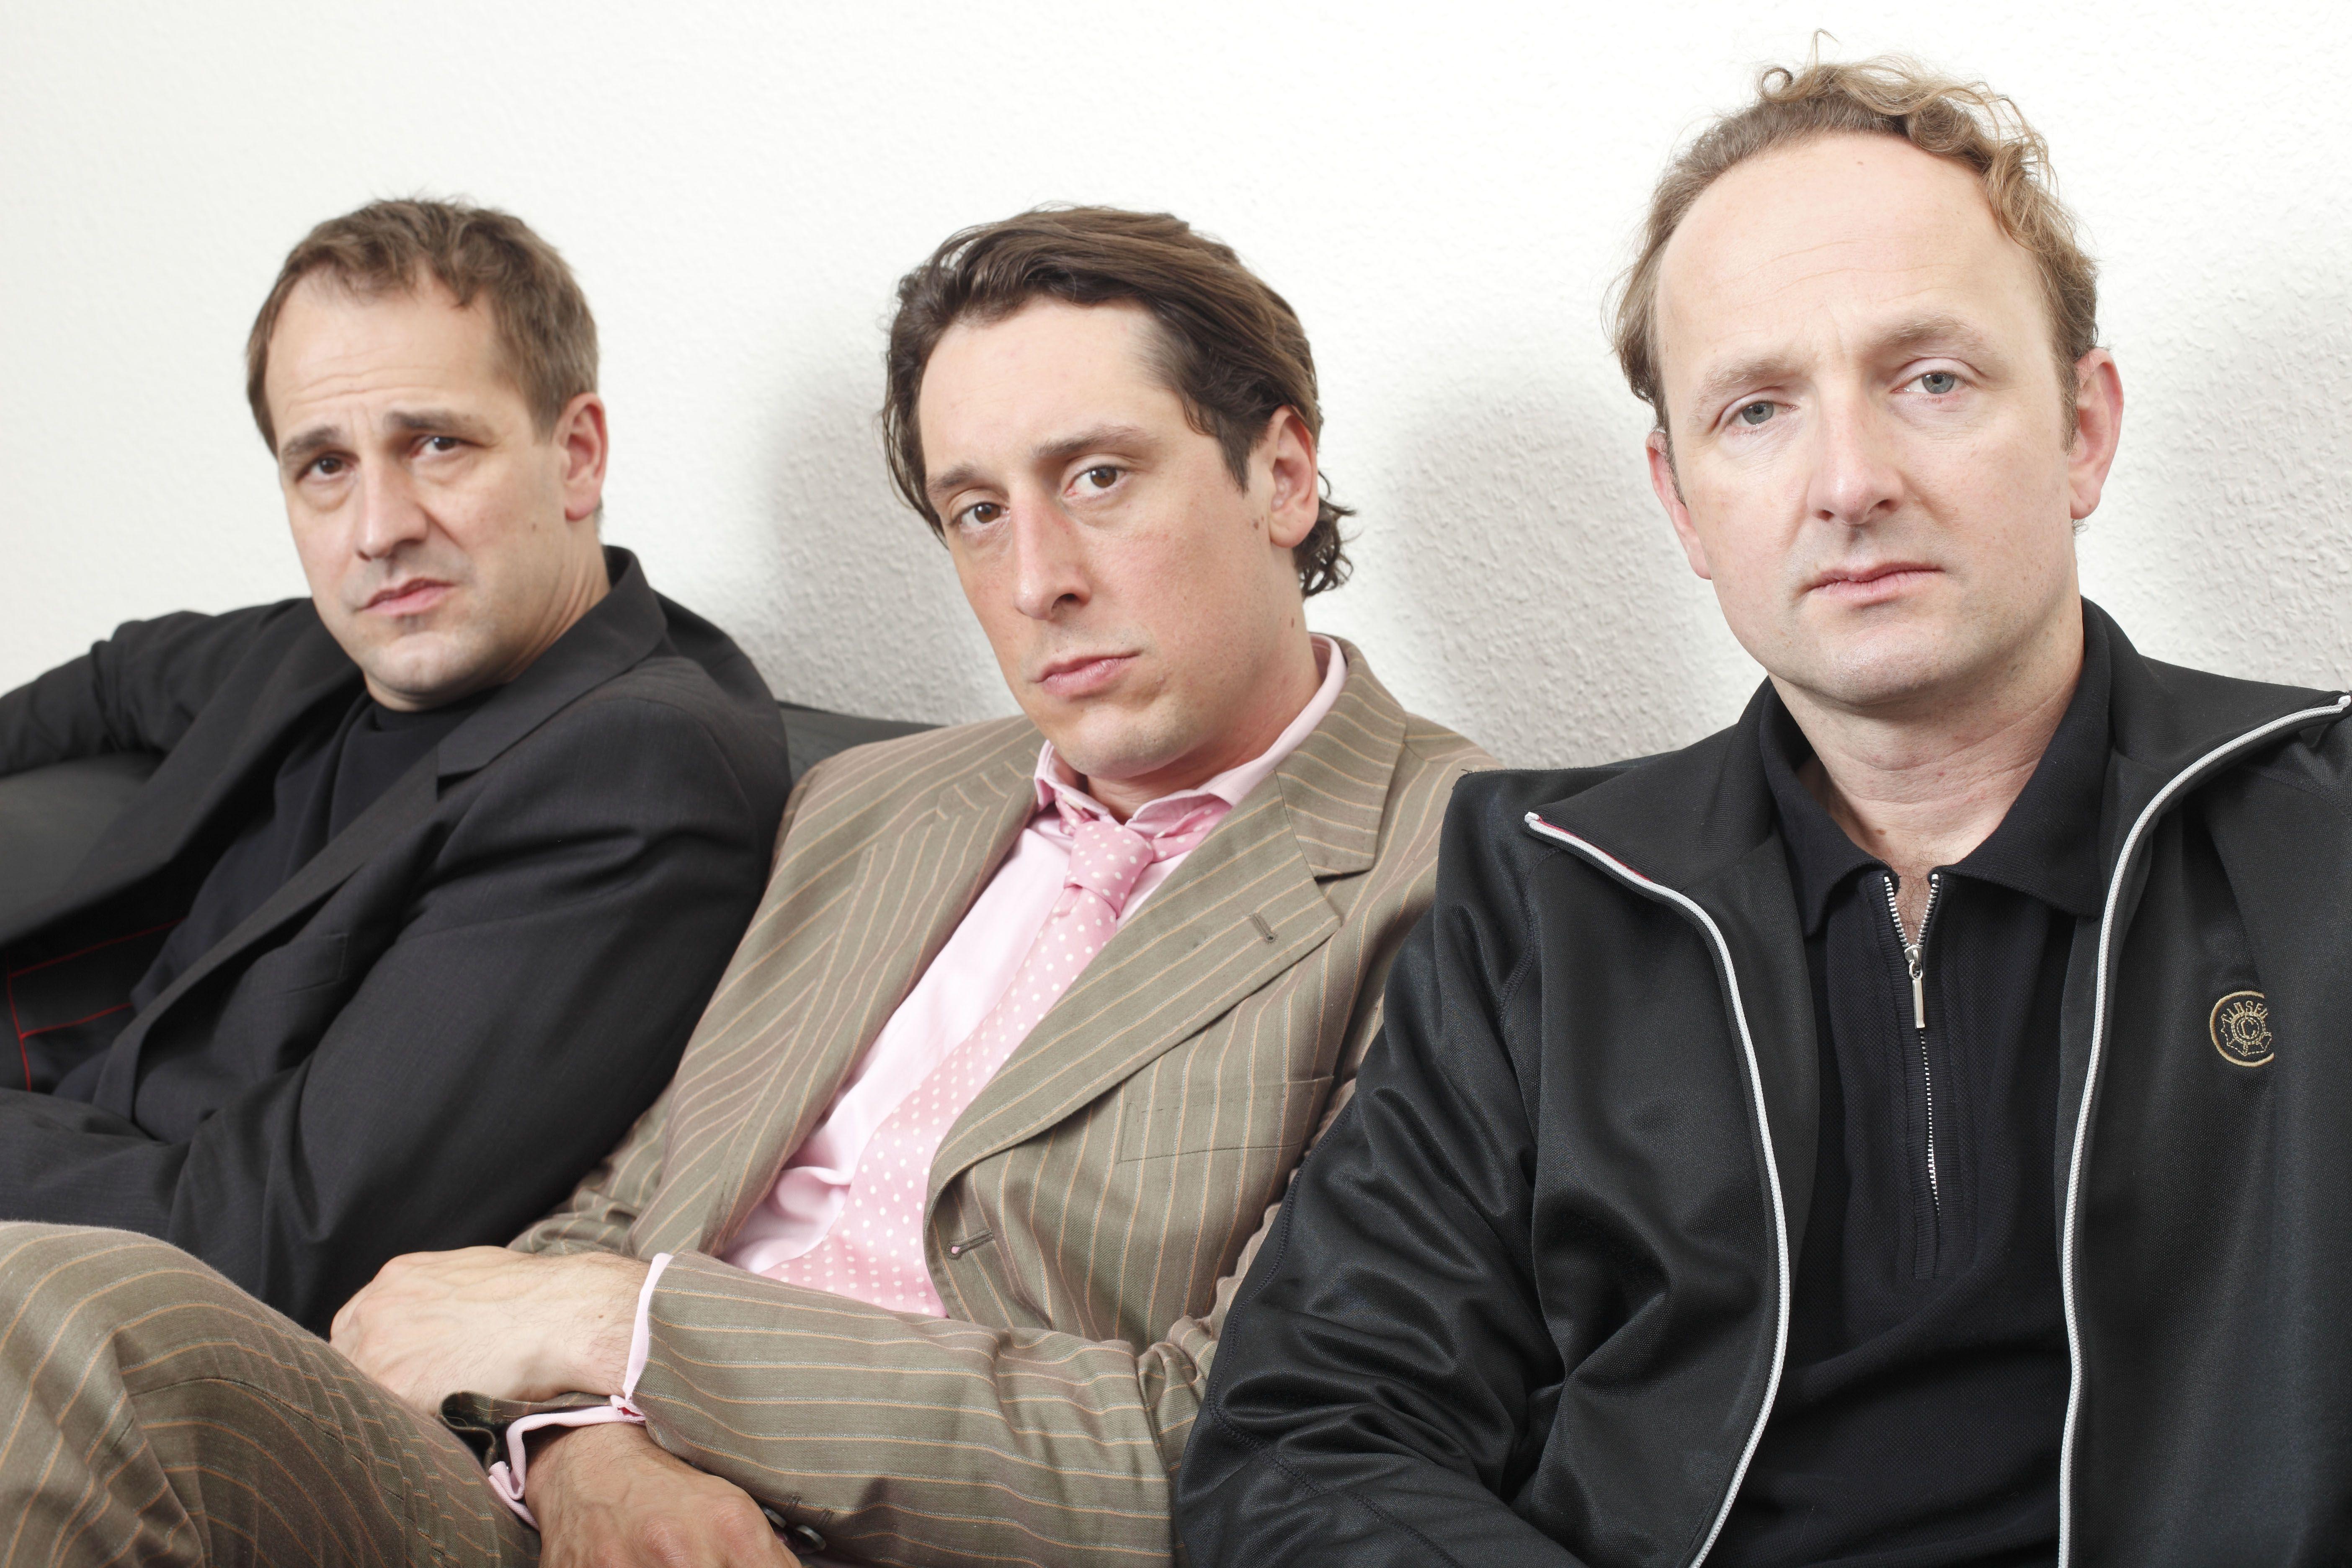 Kunst - v.l.n.r.: Stephan Schad, Hans Löw, Peter Jordan - © Oliver Fantitsch